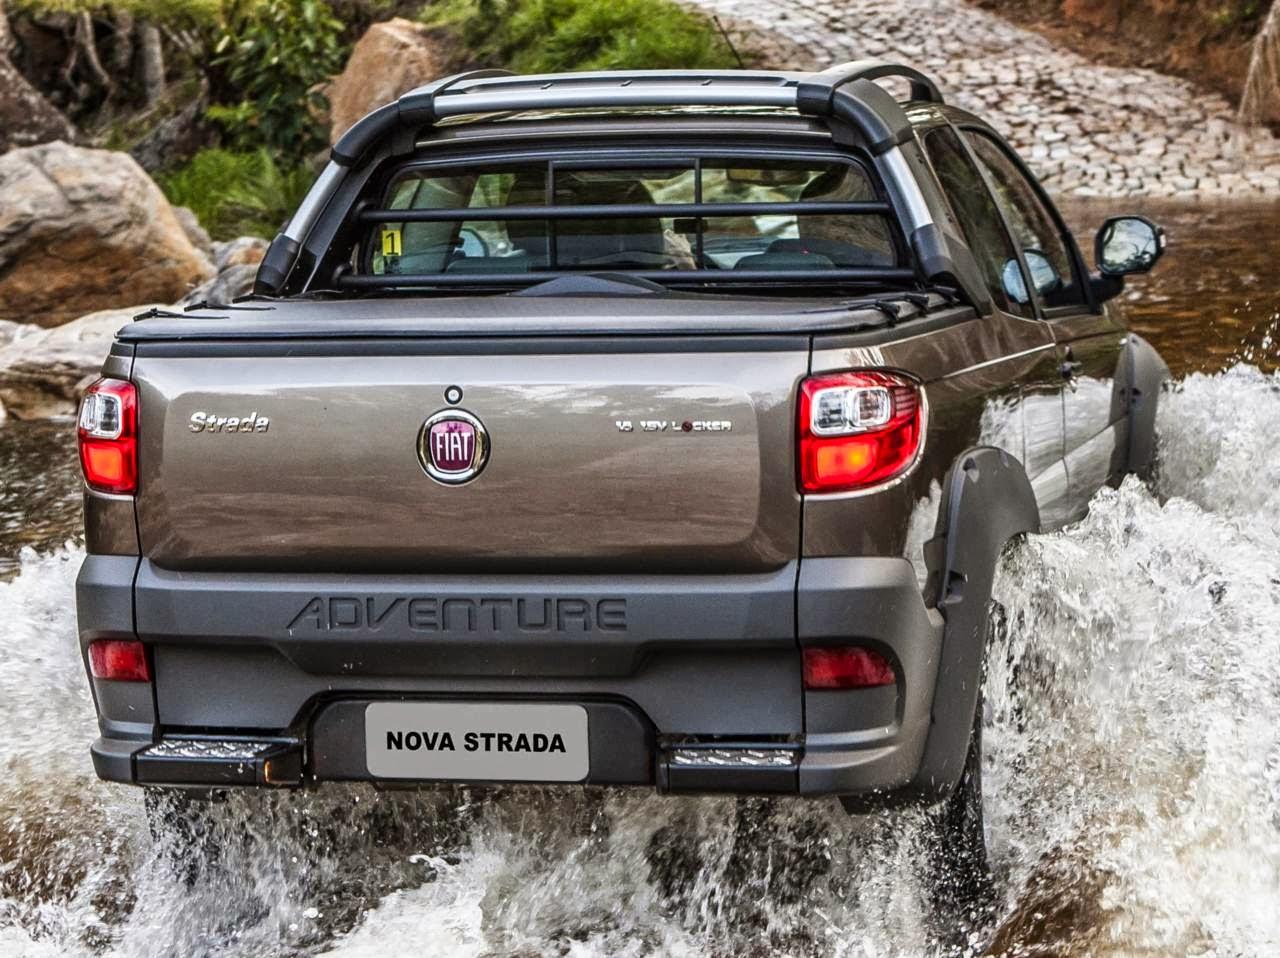 Fiat Strada 2014 três portas - comercial leve mais vendido do Brasil